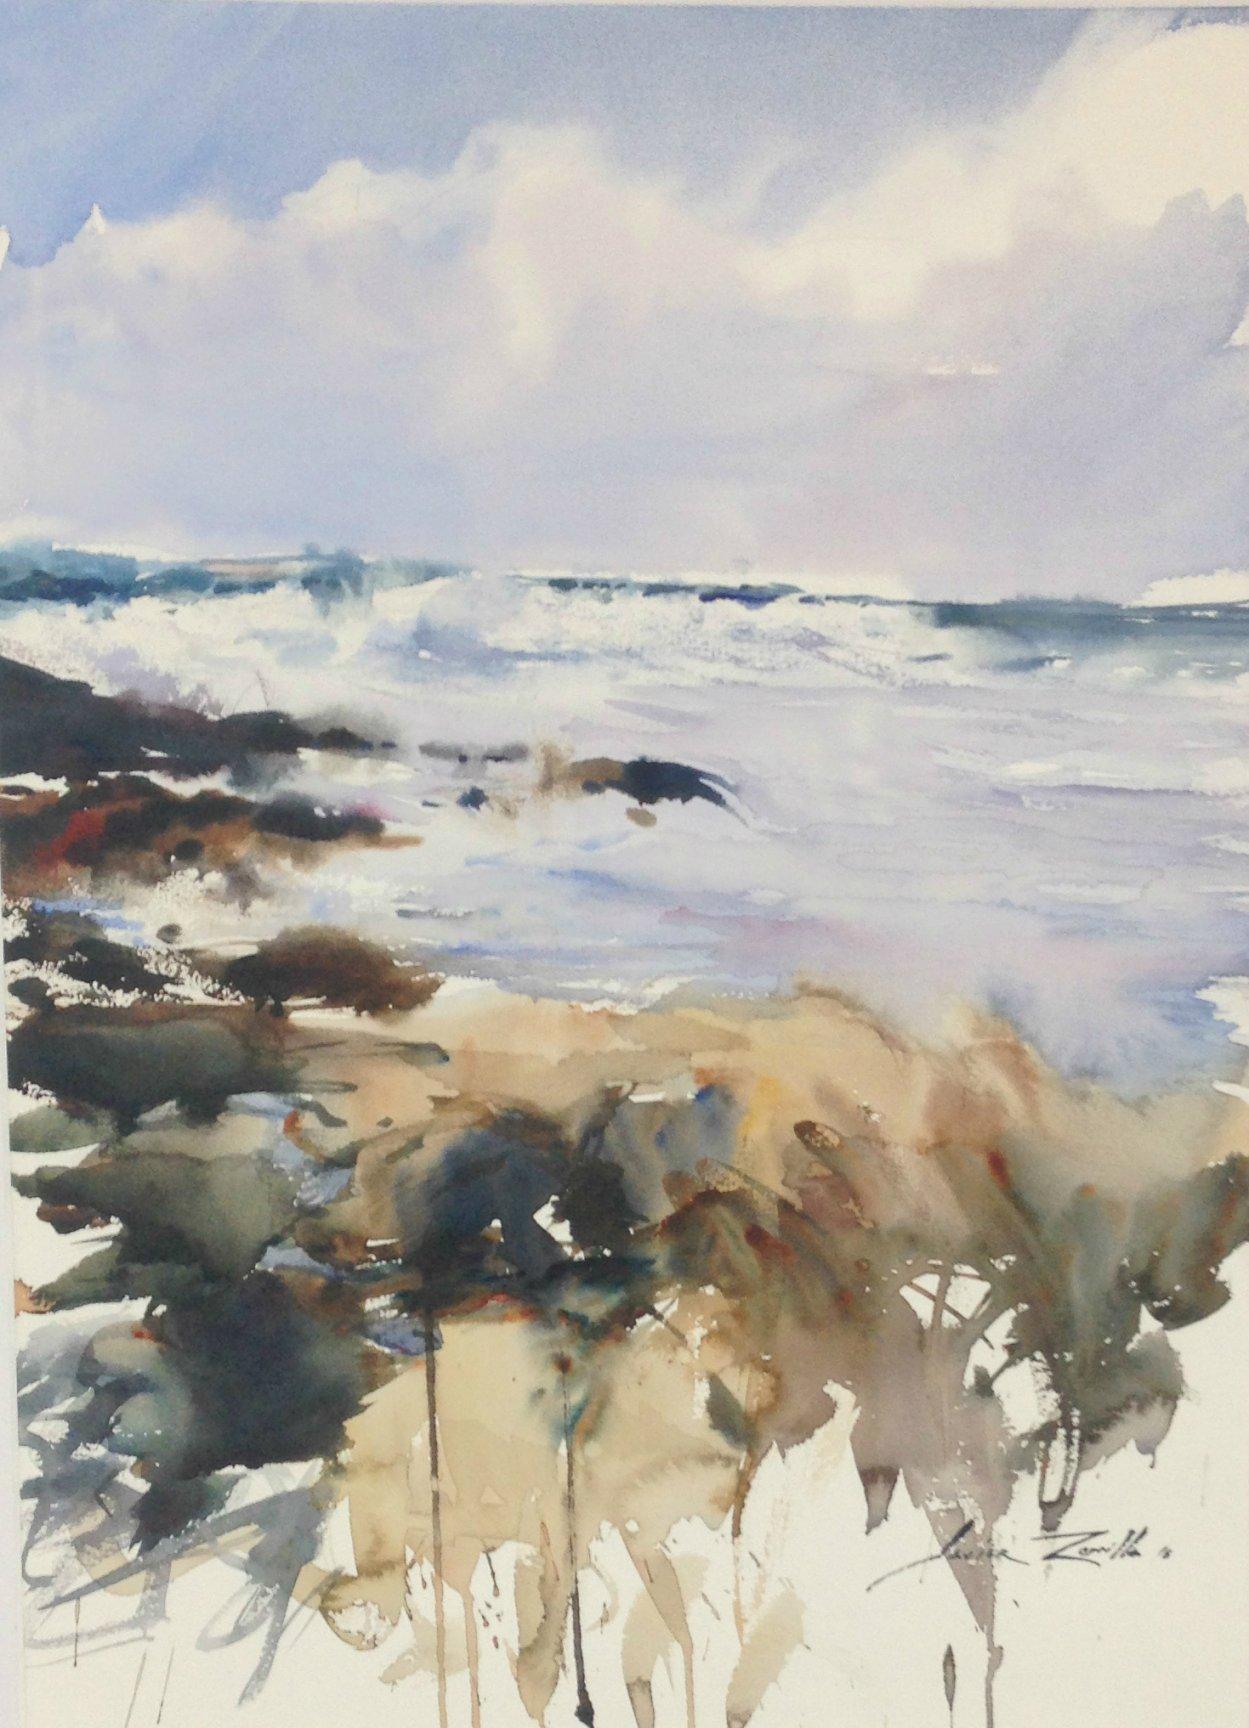 Playa de Celorrio (2016) - Javier Zorrilla